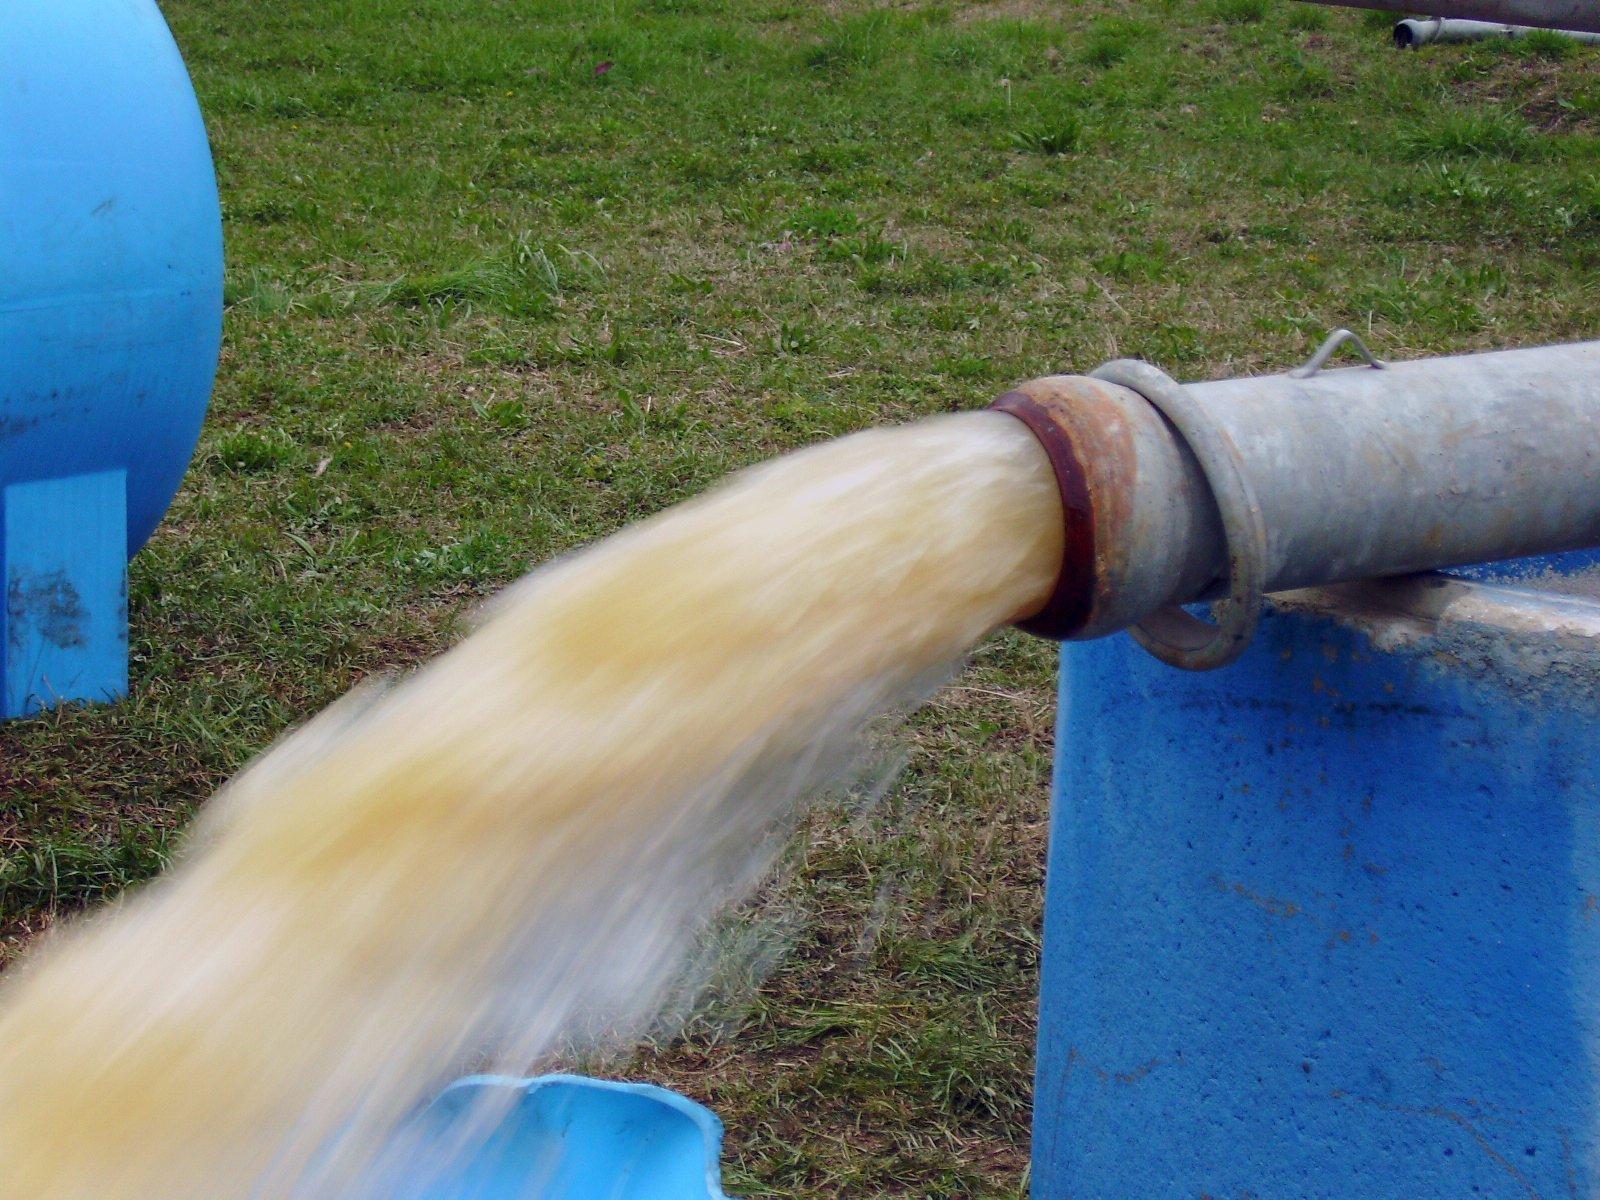 flusso d'acqua sporca che esce da un tubo